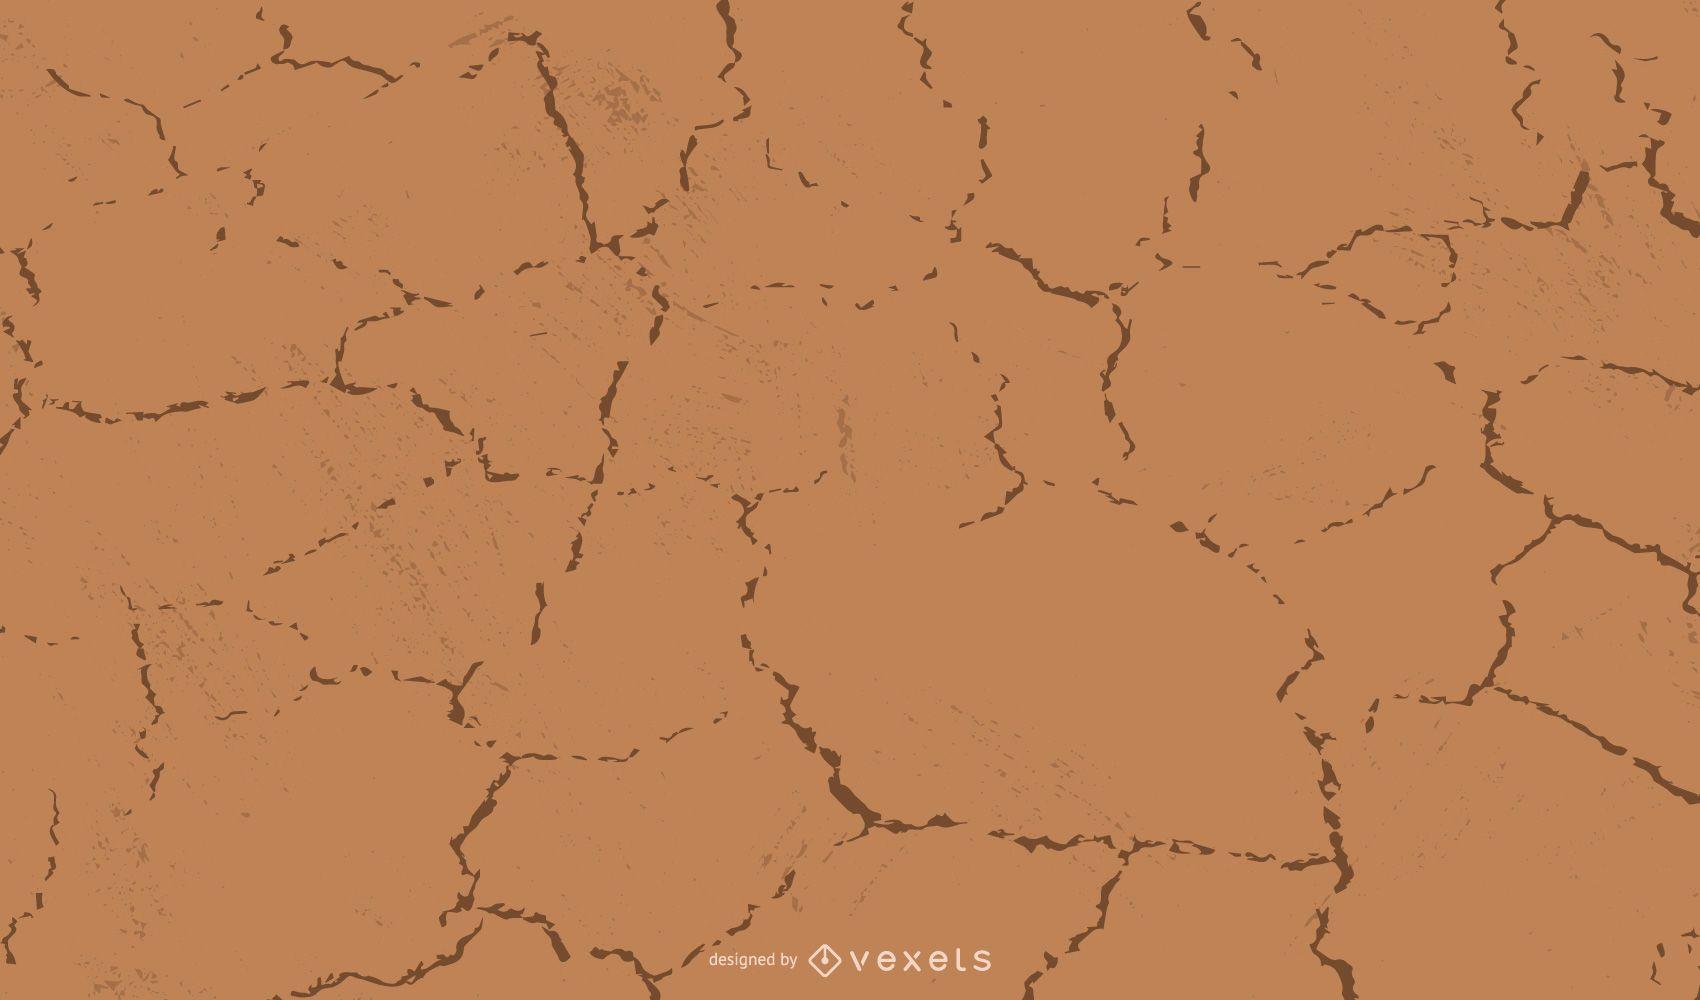 Crackled Soil